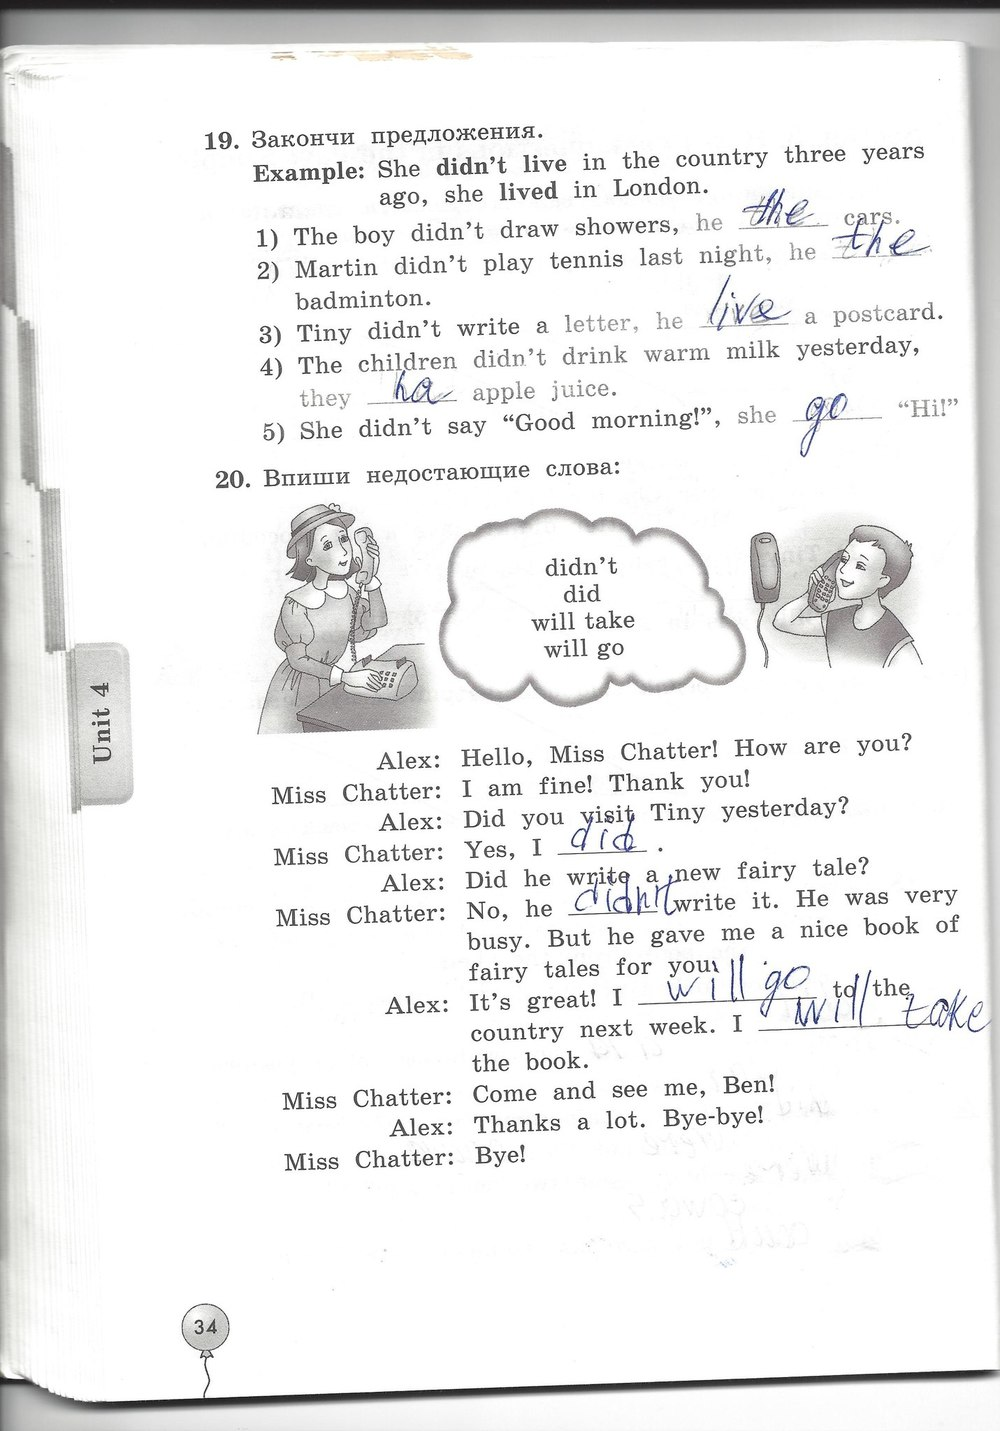 Гдз По Английскому Языку 4 Класс В Тетради Биболетова По Страницам